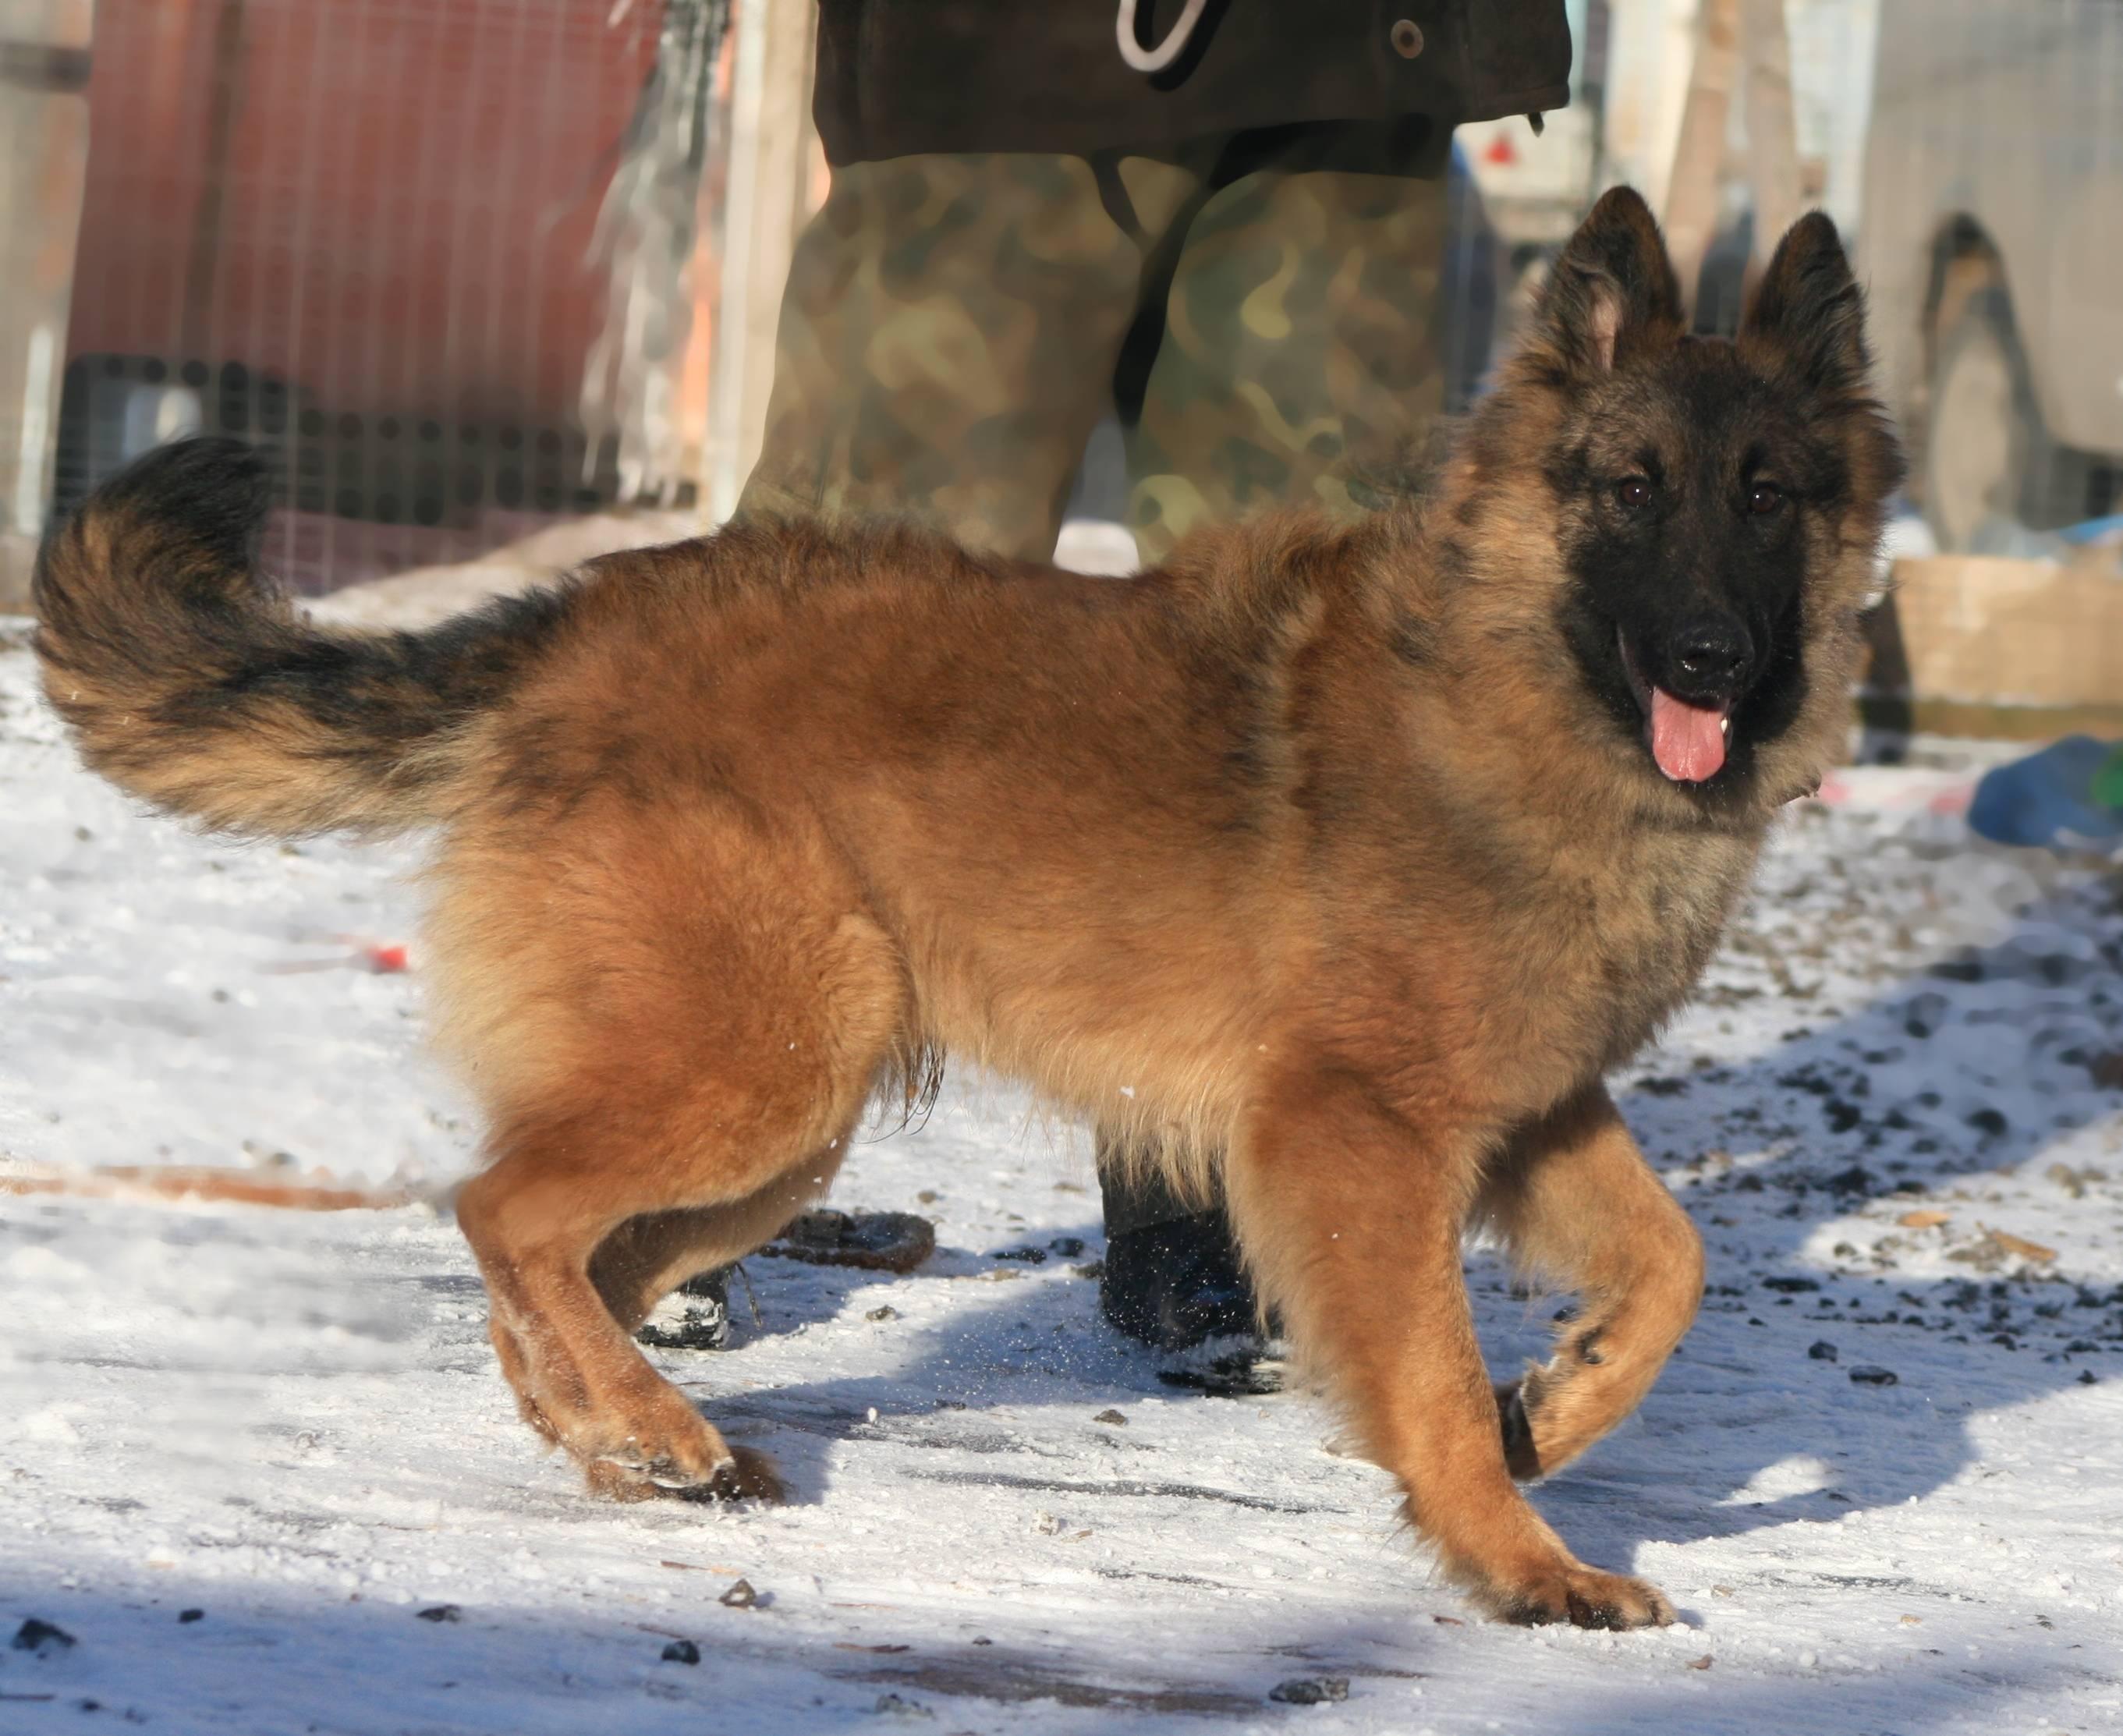 Бельгийская овчарка - описание и характеристики собаки, уход и содержание в домашних условиях